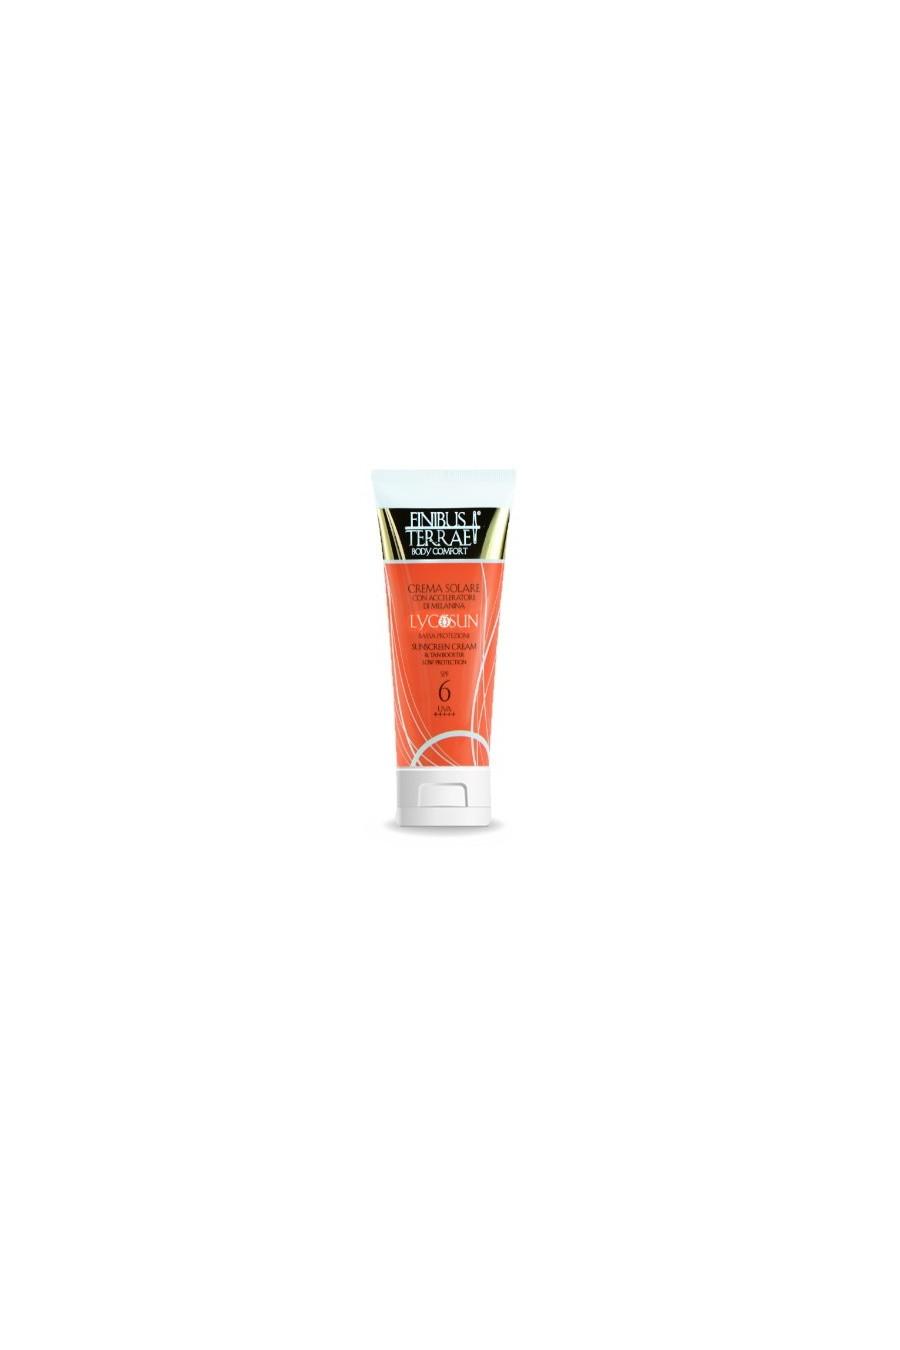 CREMA SOLARE, SPF6 - 200 ml